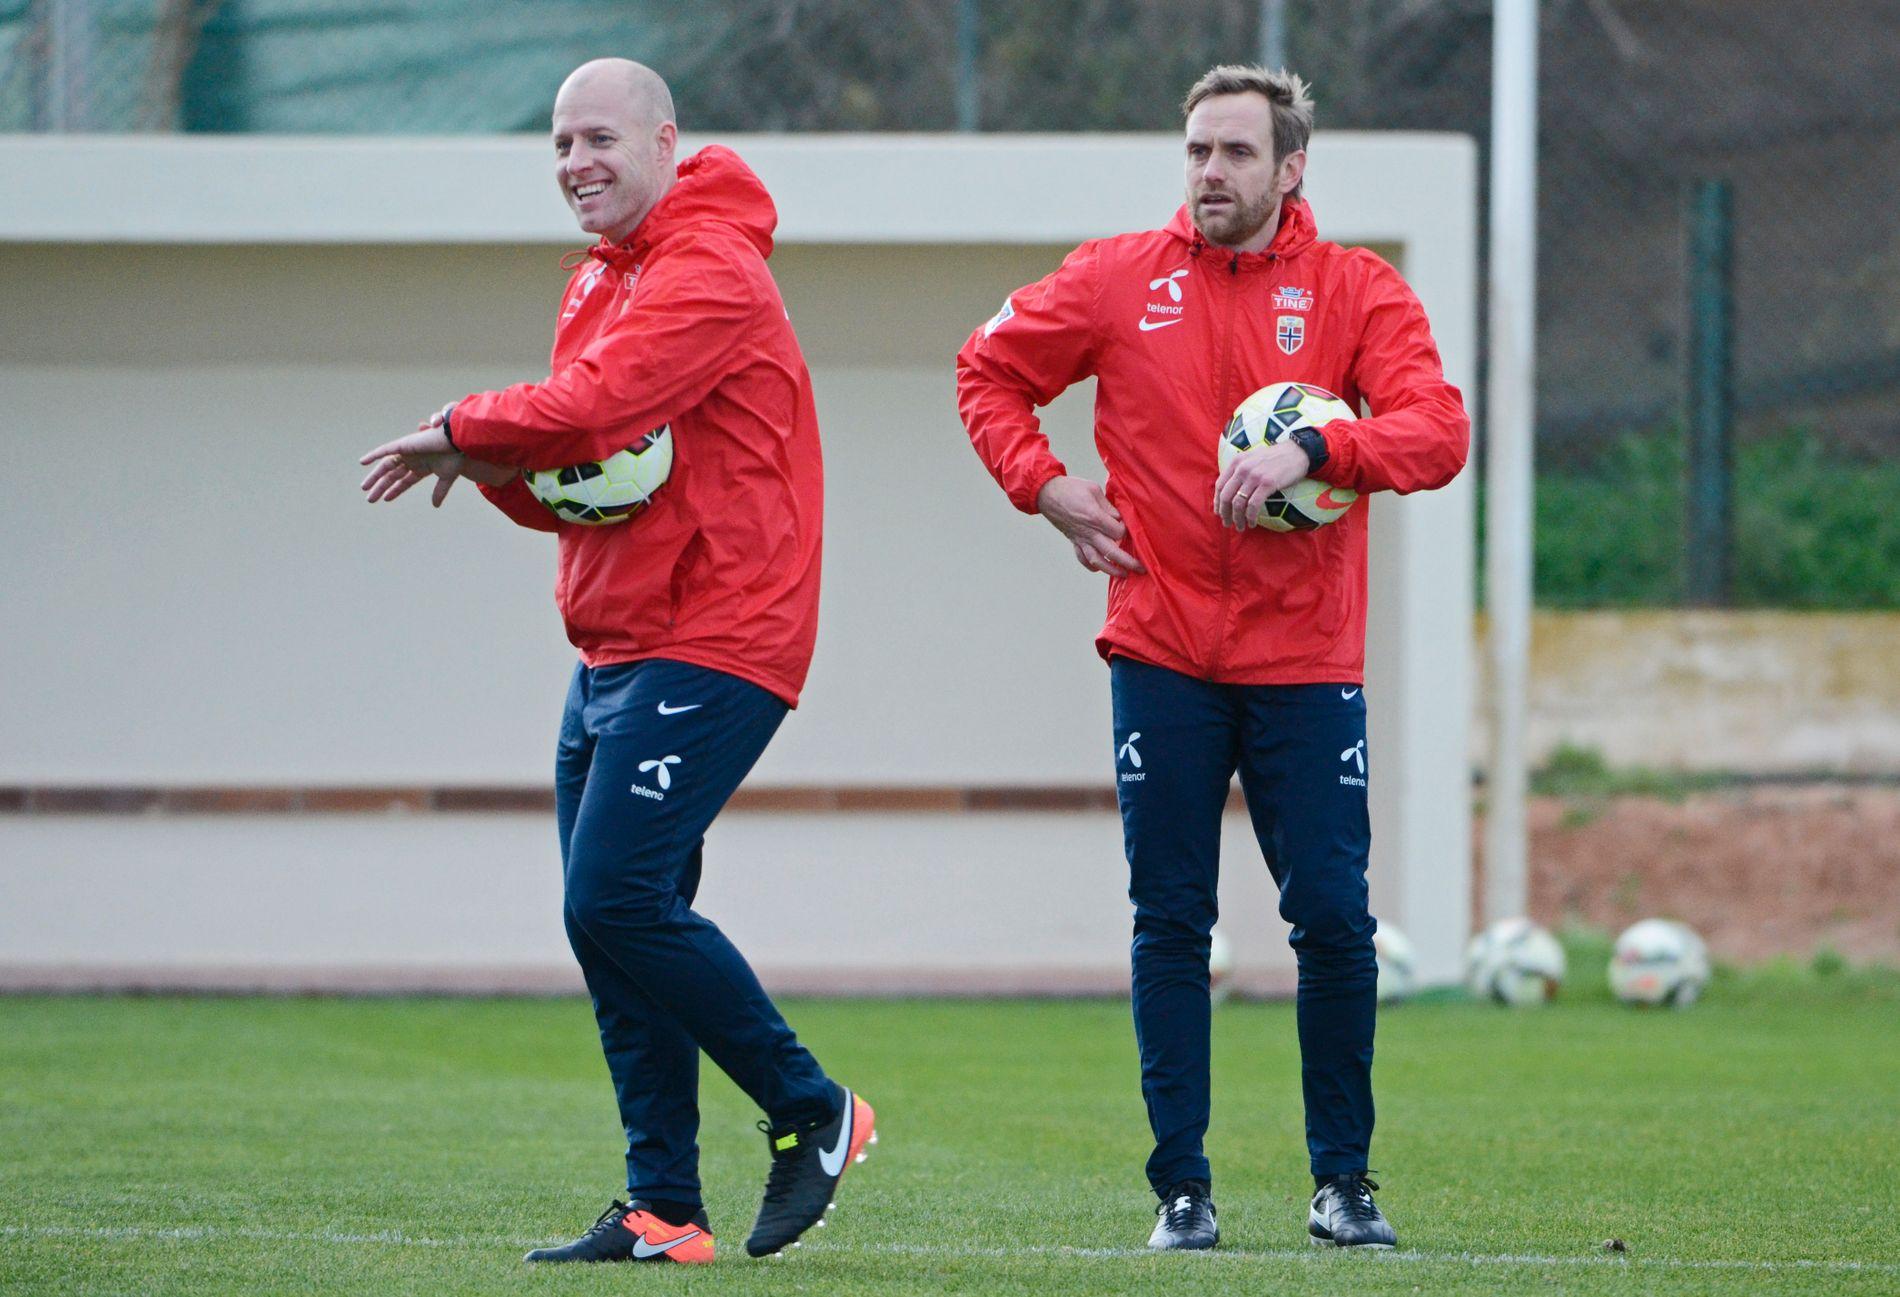 SKAL PENDLE: Landslagstrenerne Anders Jacobson (t.v.) og Martin Sjögren på feltet under en treningsøkt på La Manga rett etter at svenskene tok over kvinnelandslaget i fotball.